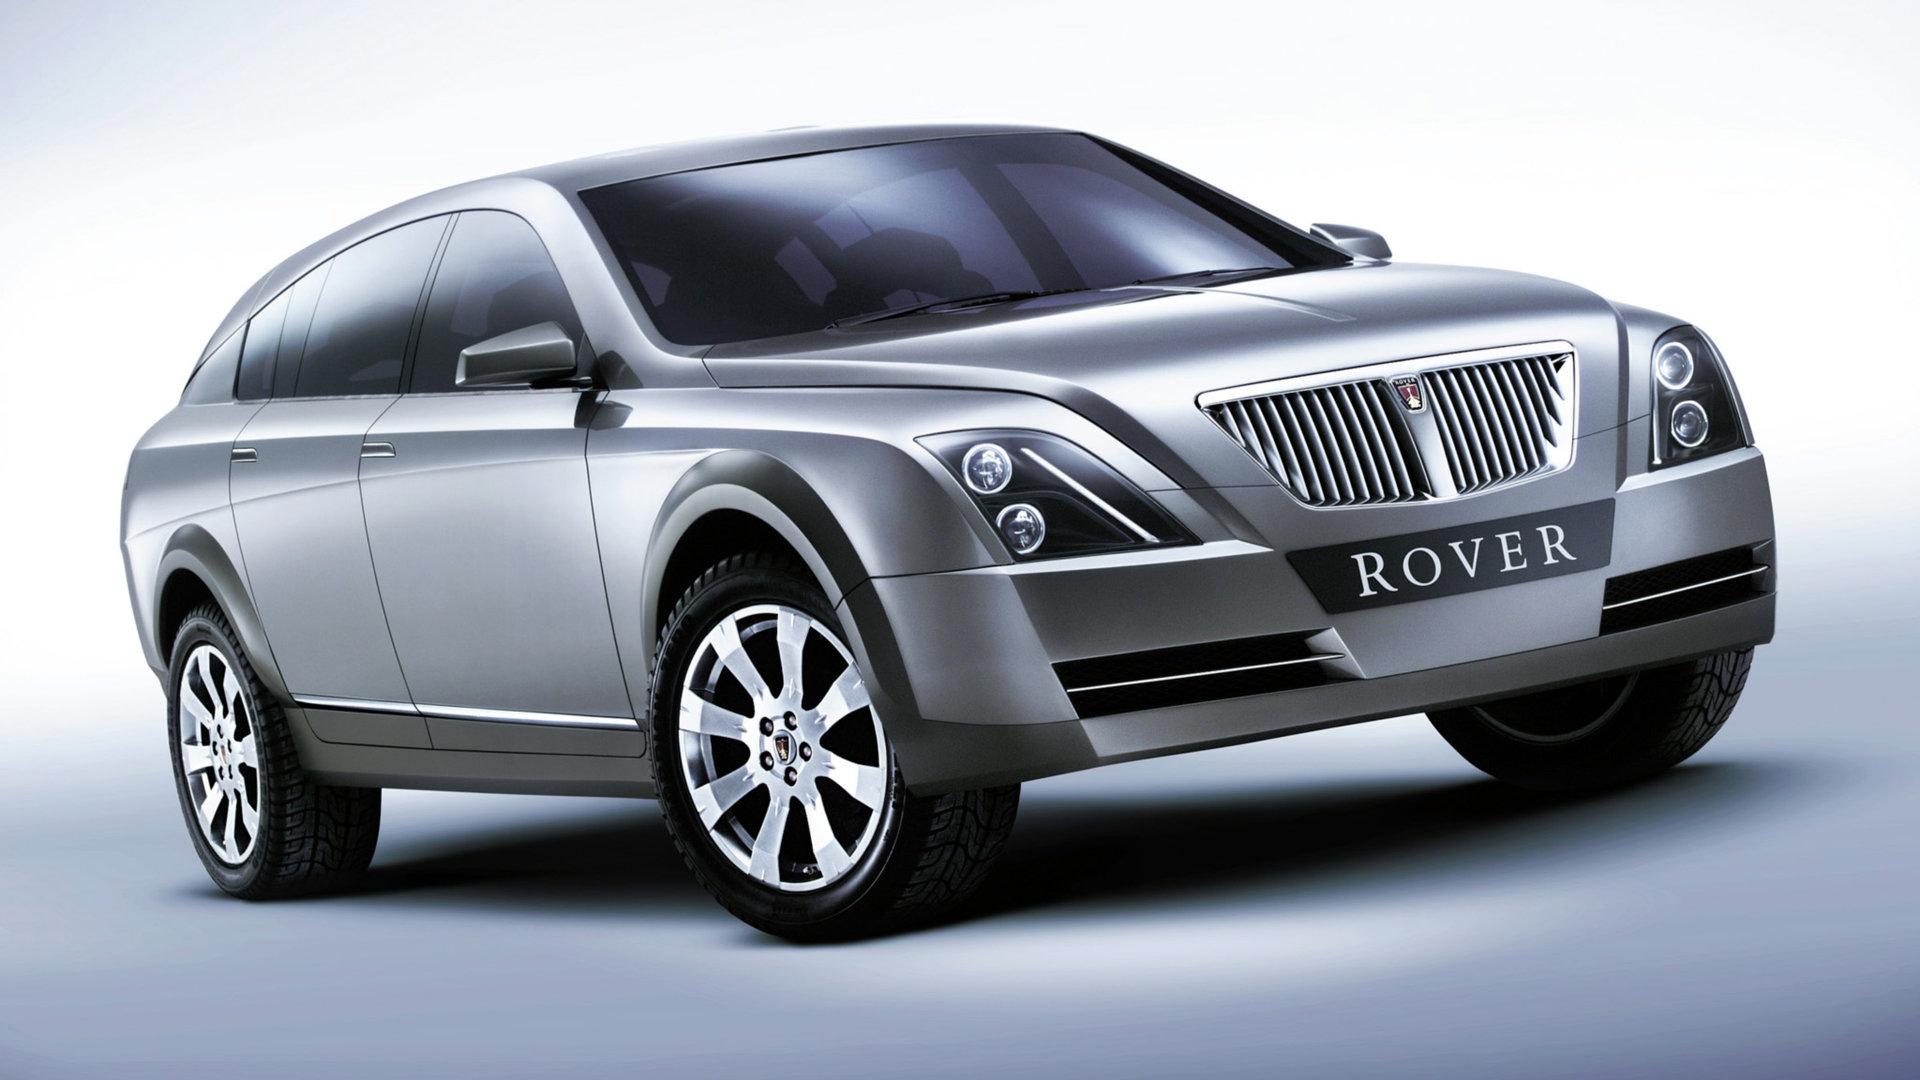 Coche del día: Rover TCV Concept